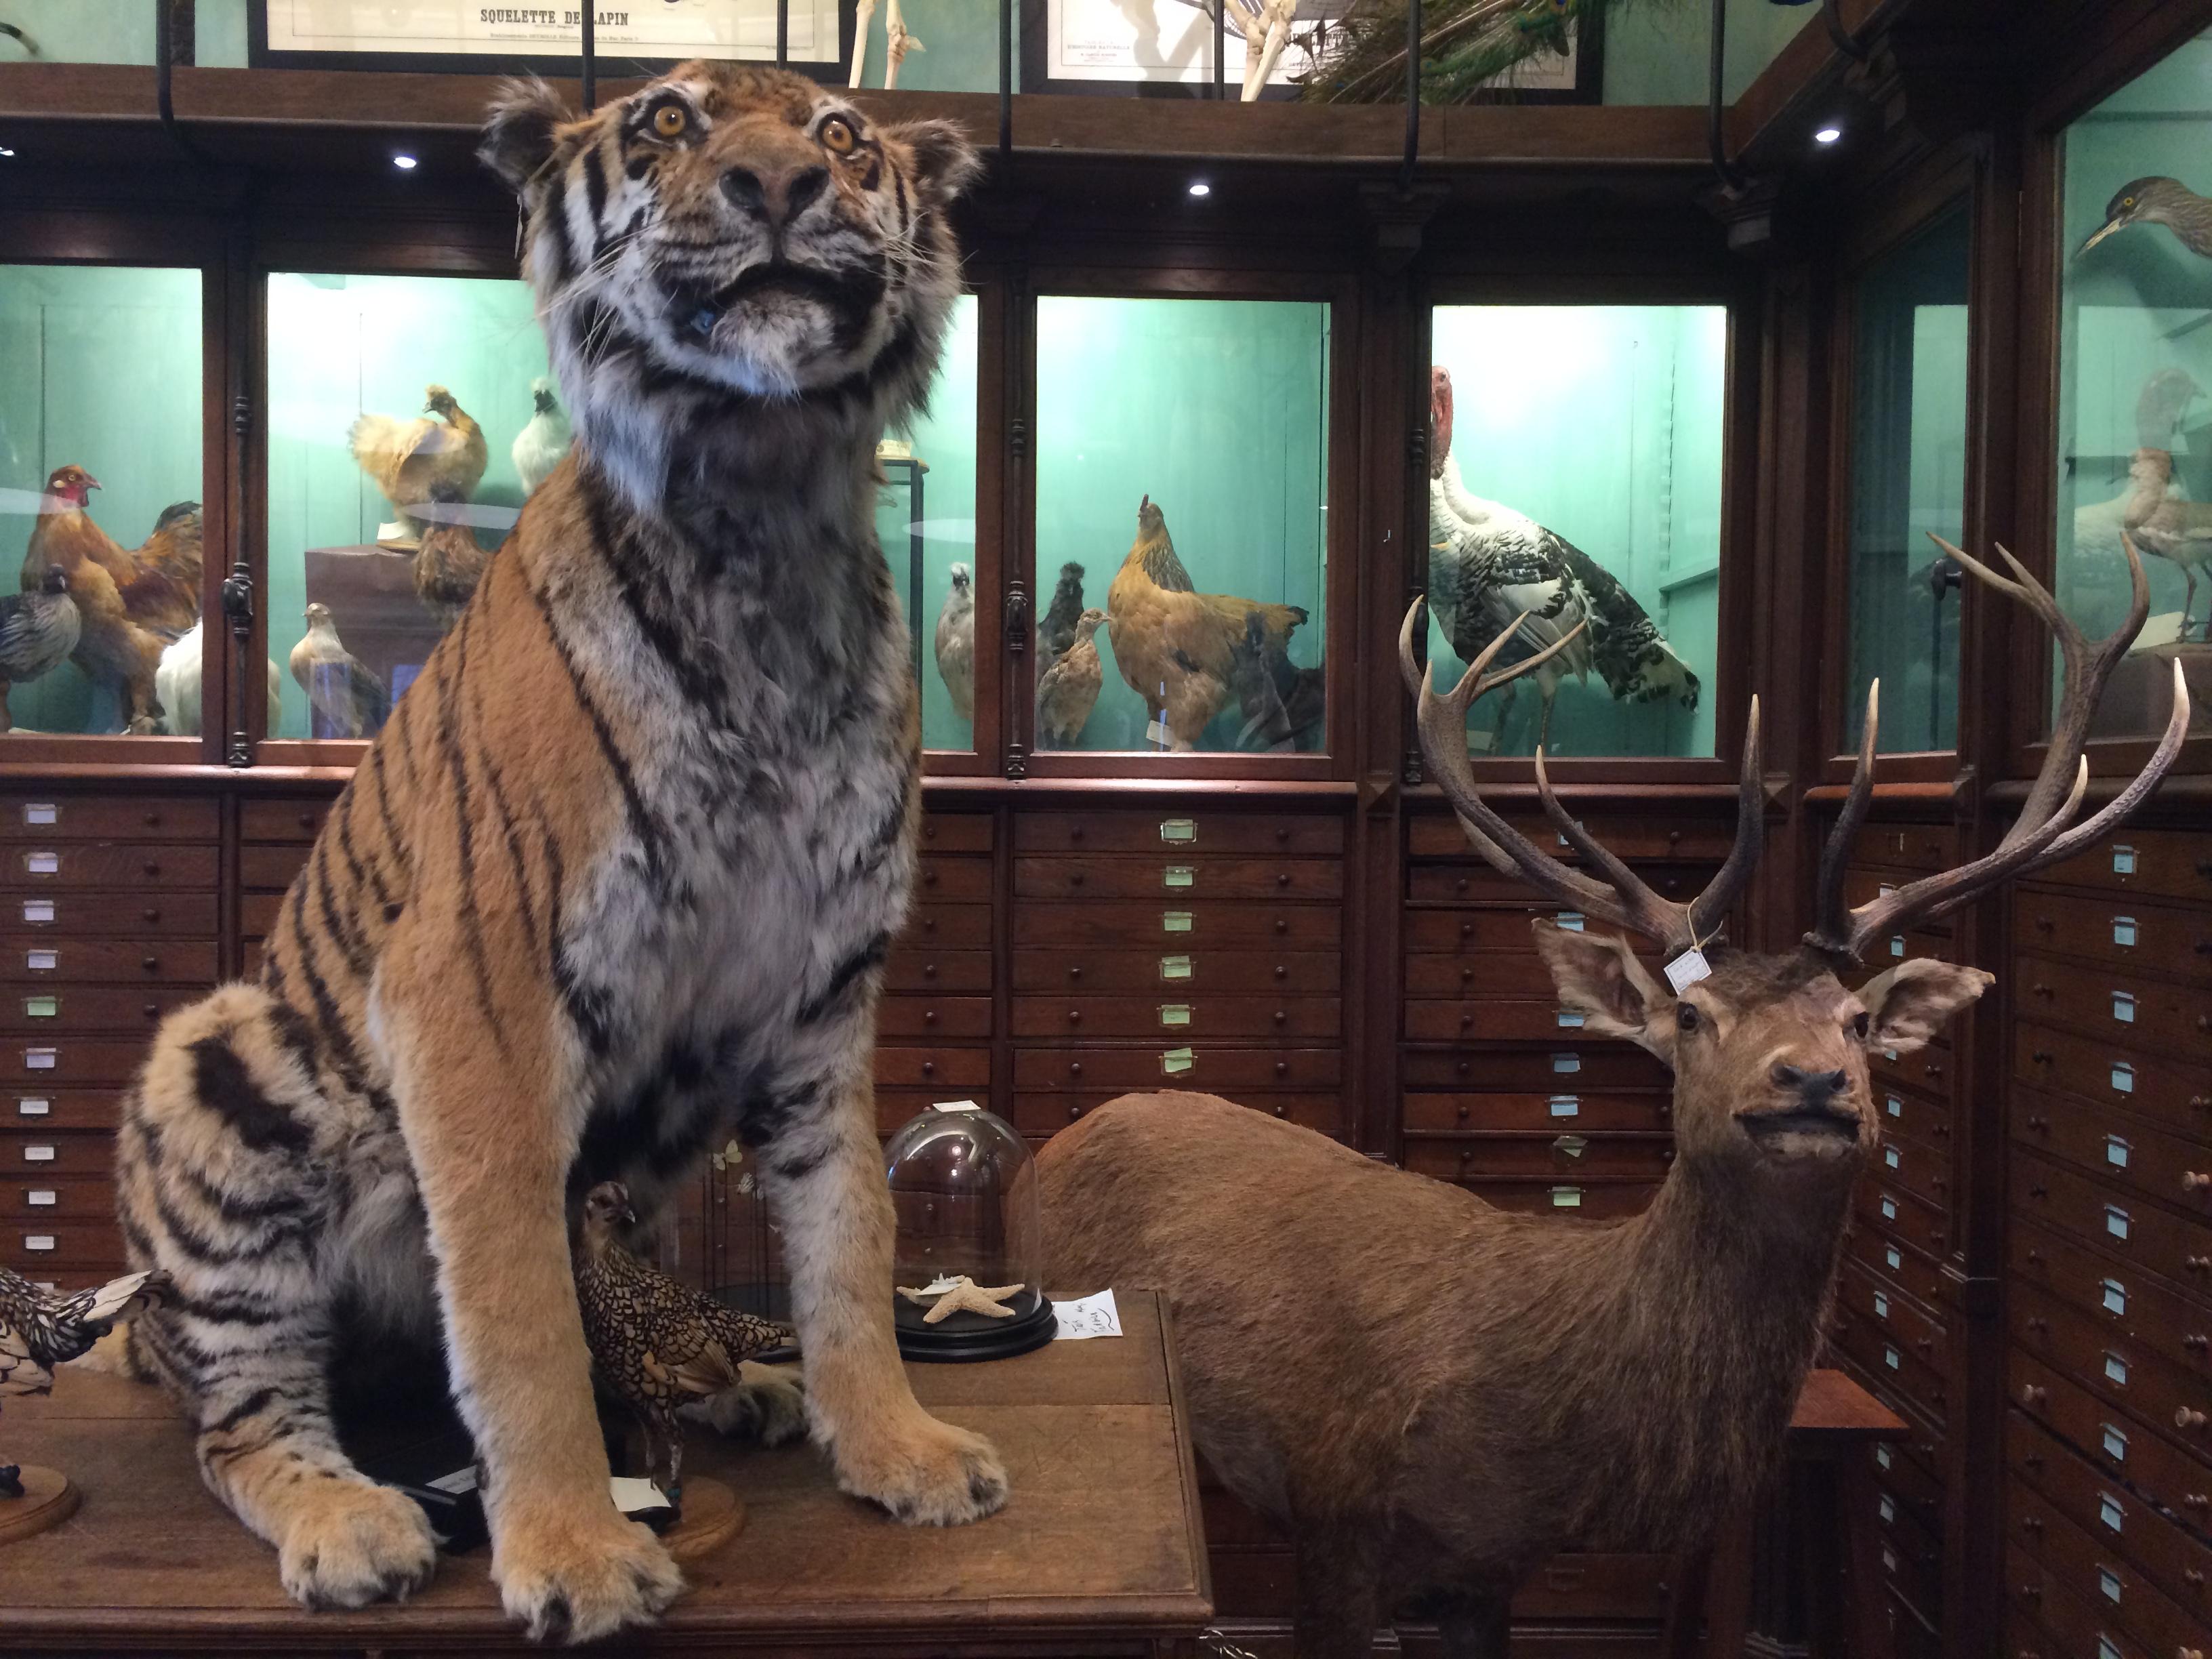 Deyrolle et ses animaux empaillés se visite comme une expo